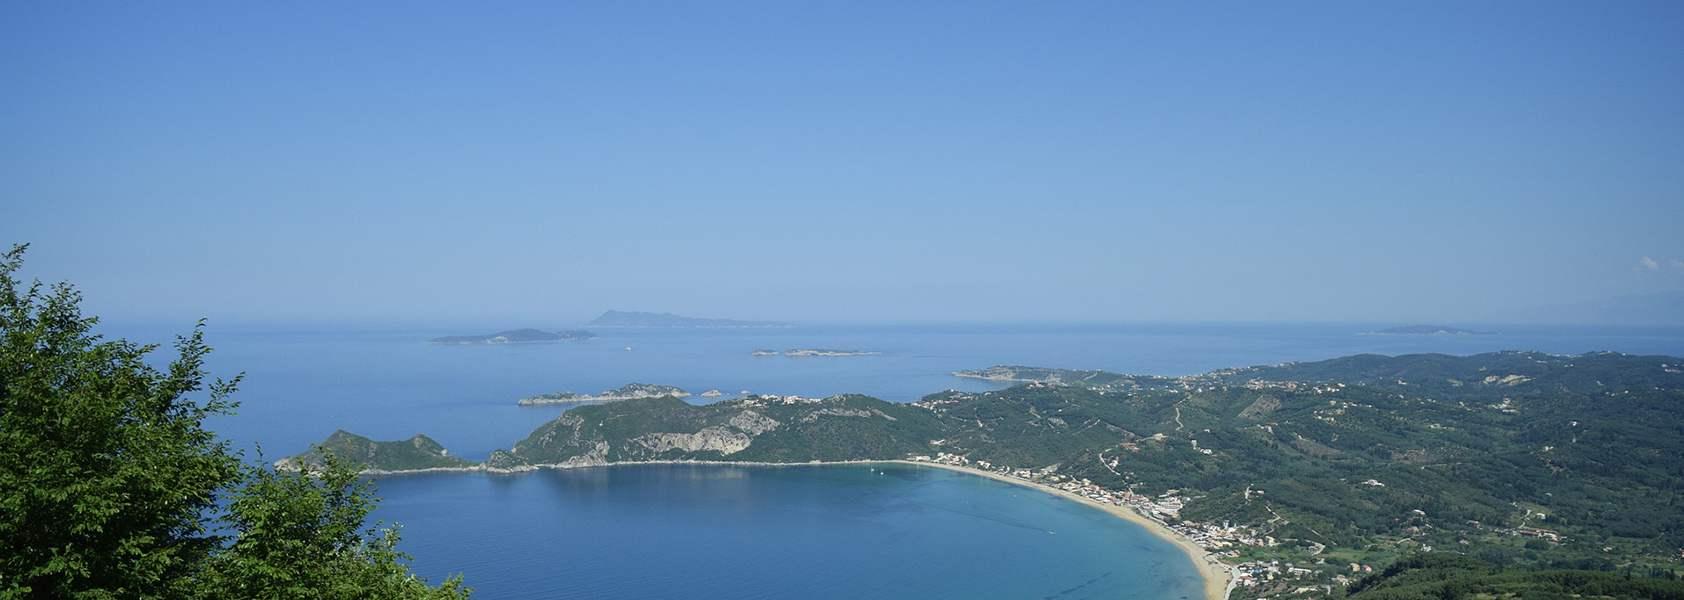 Griekenland | Wandelen op Corfu